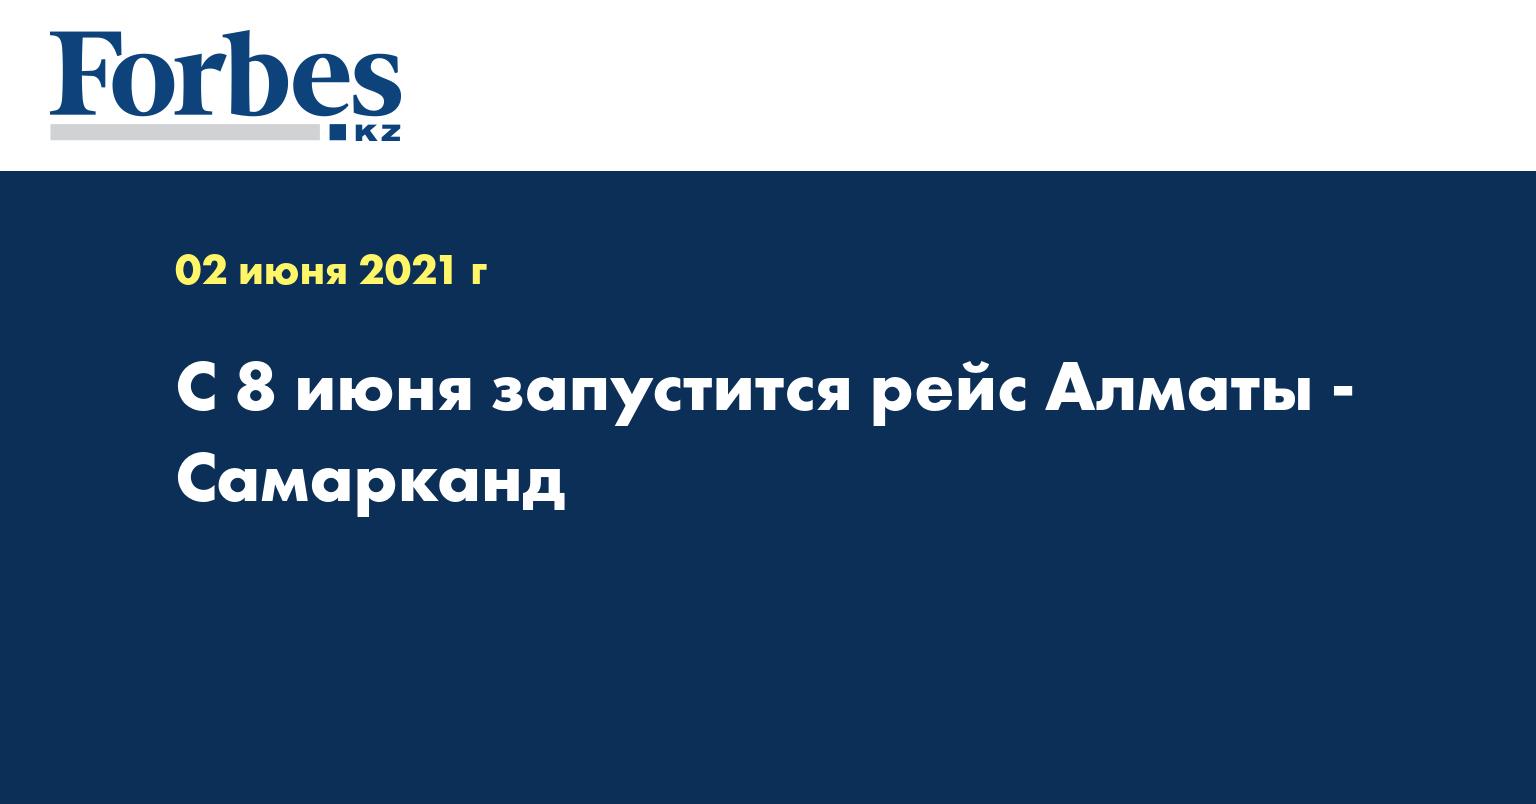 С 8 июня запустится рейс Алматы - Самарканд